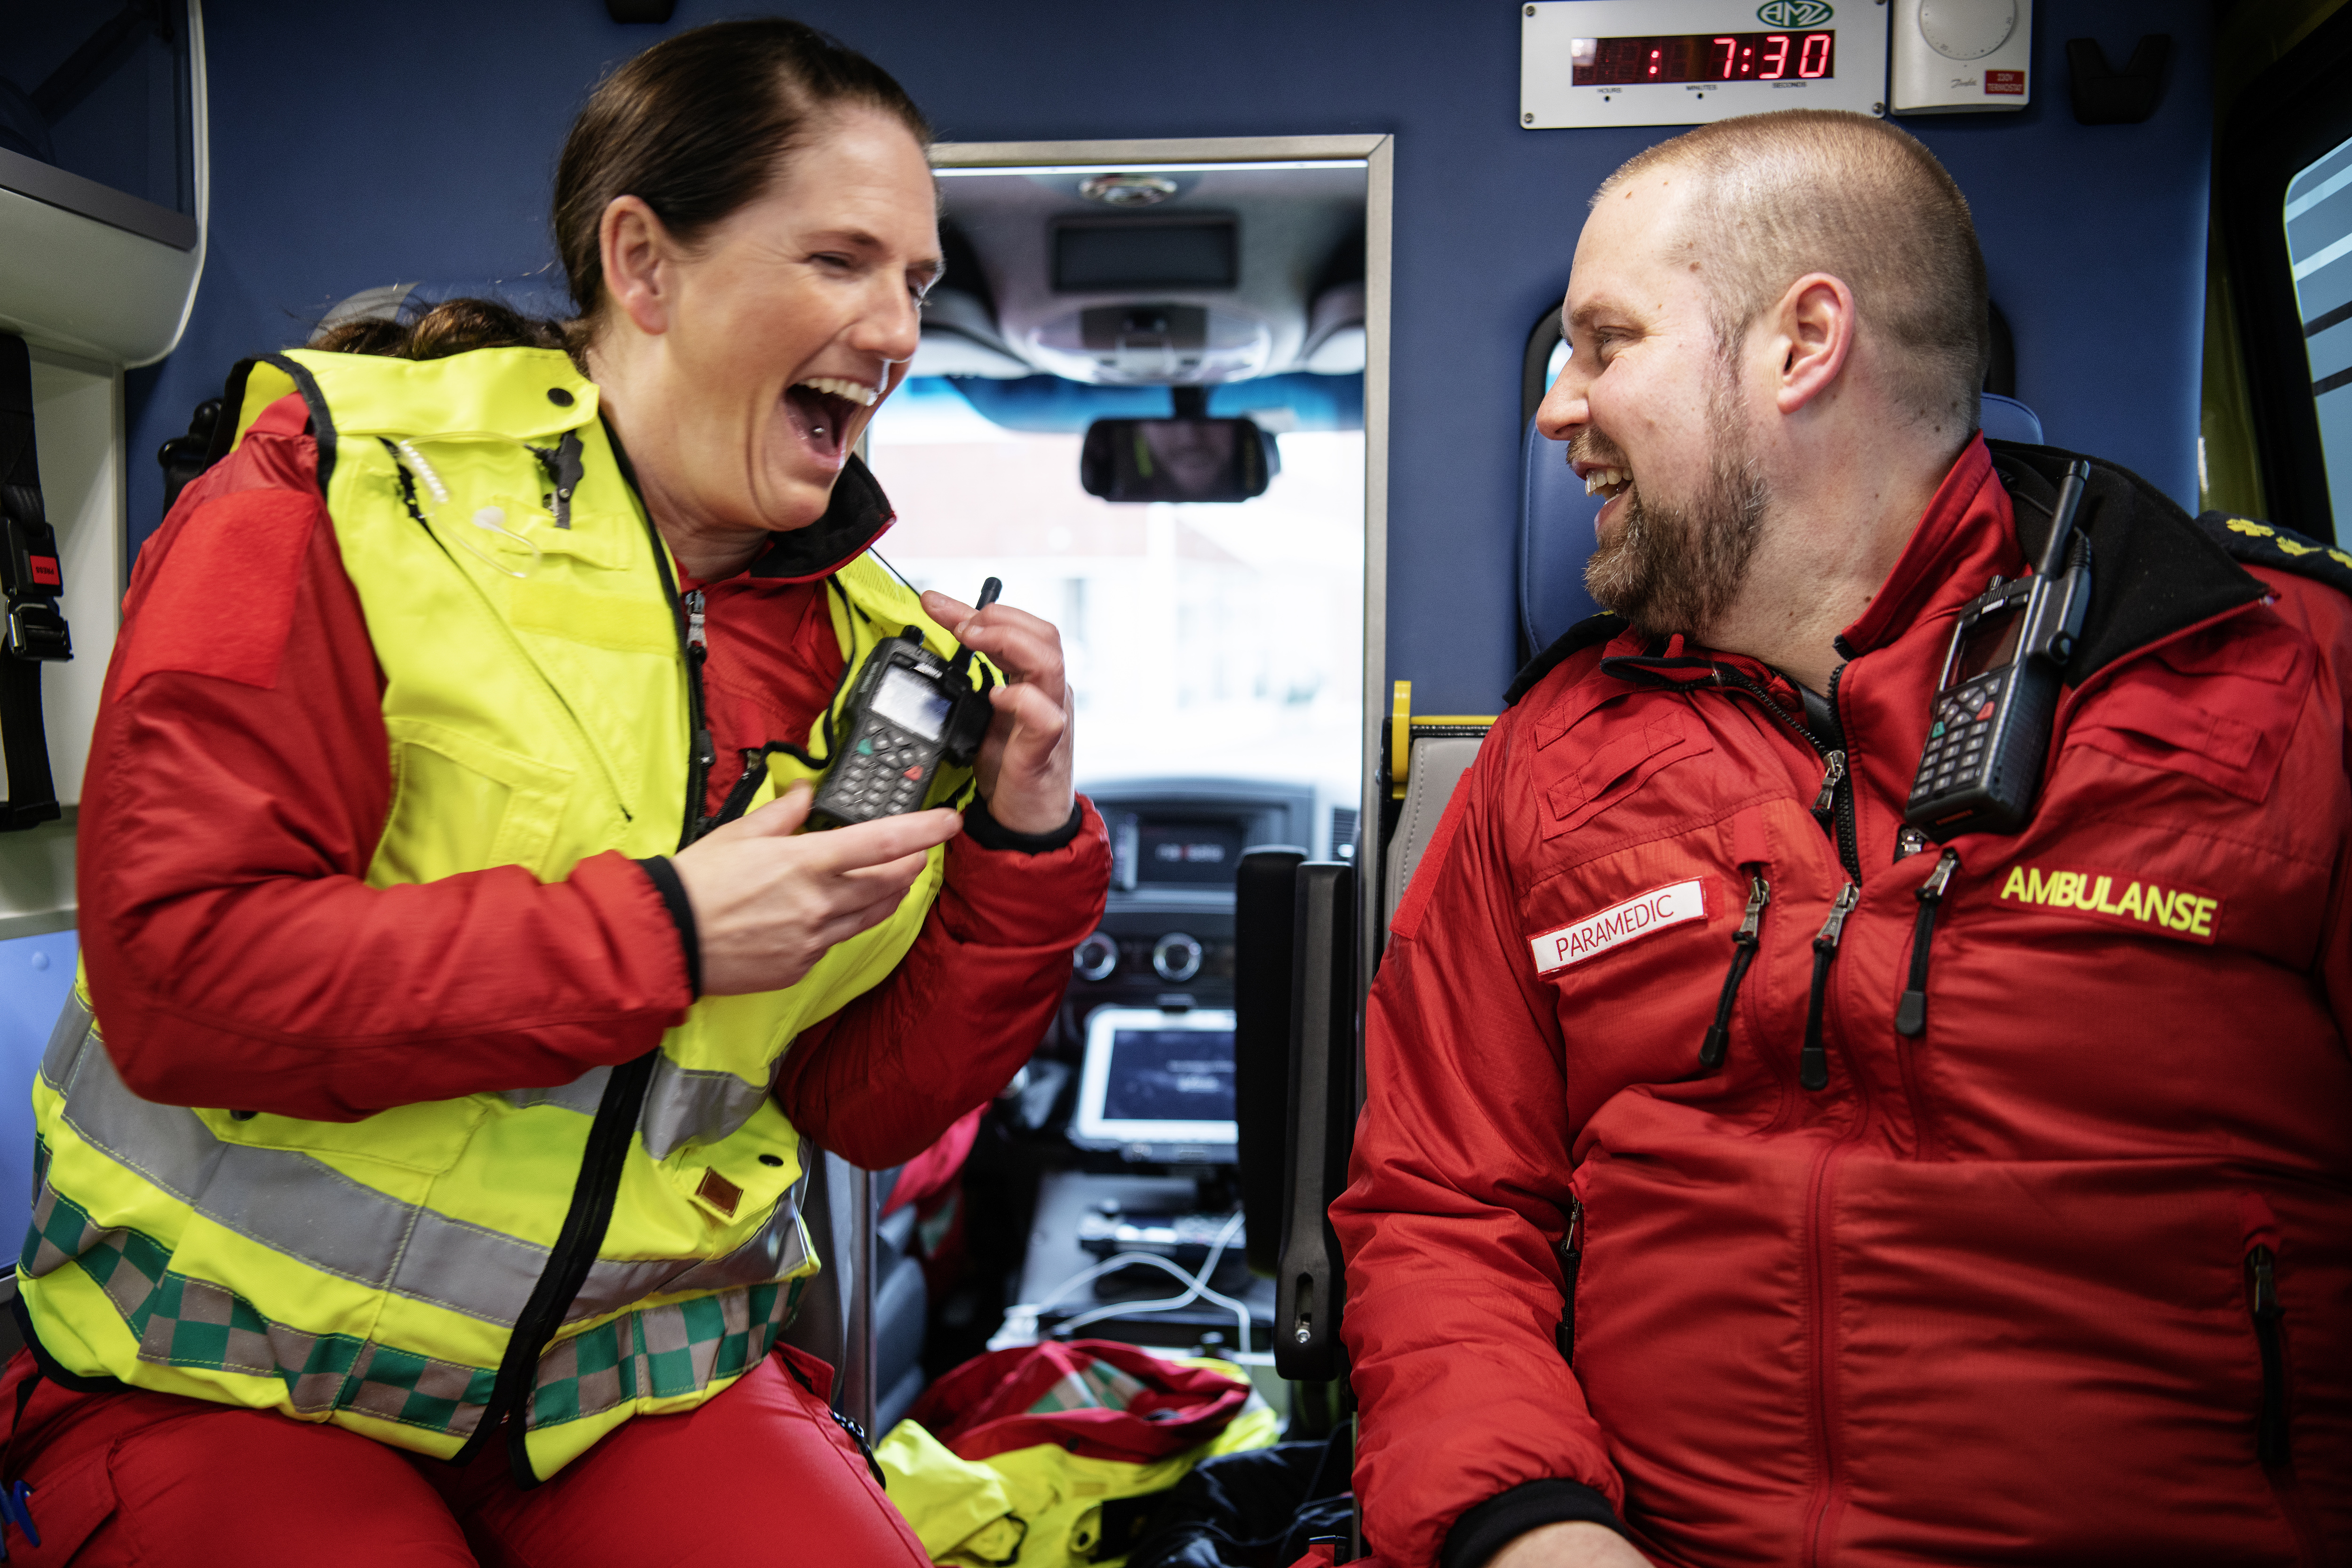 Regionalt ambulansemesterskap ble arrangert i Stjørdal onsdag 25. April 2018. Konkurransenerver? Tilsynelatende ikke for Team Levanger med May Hilde Settenø og Ståle Tronhus bak i bilen her. Foto: Ole Martin Wold